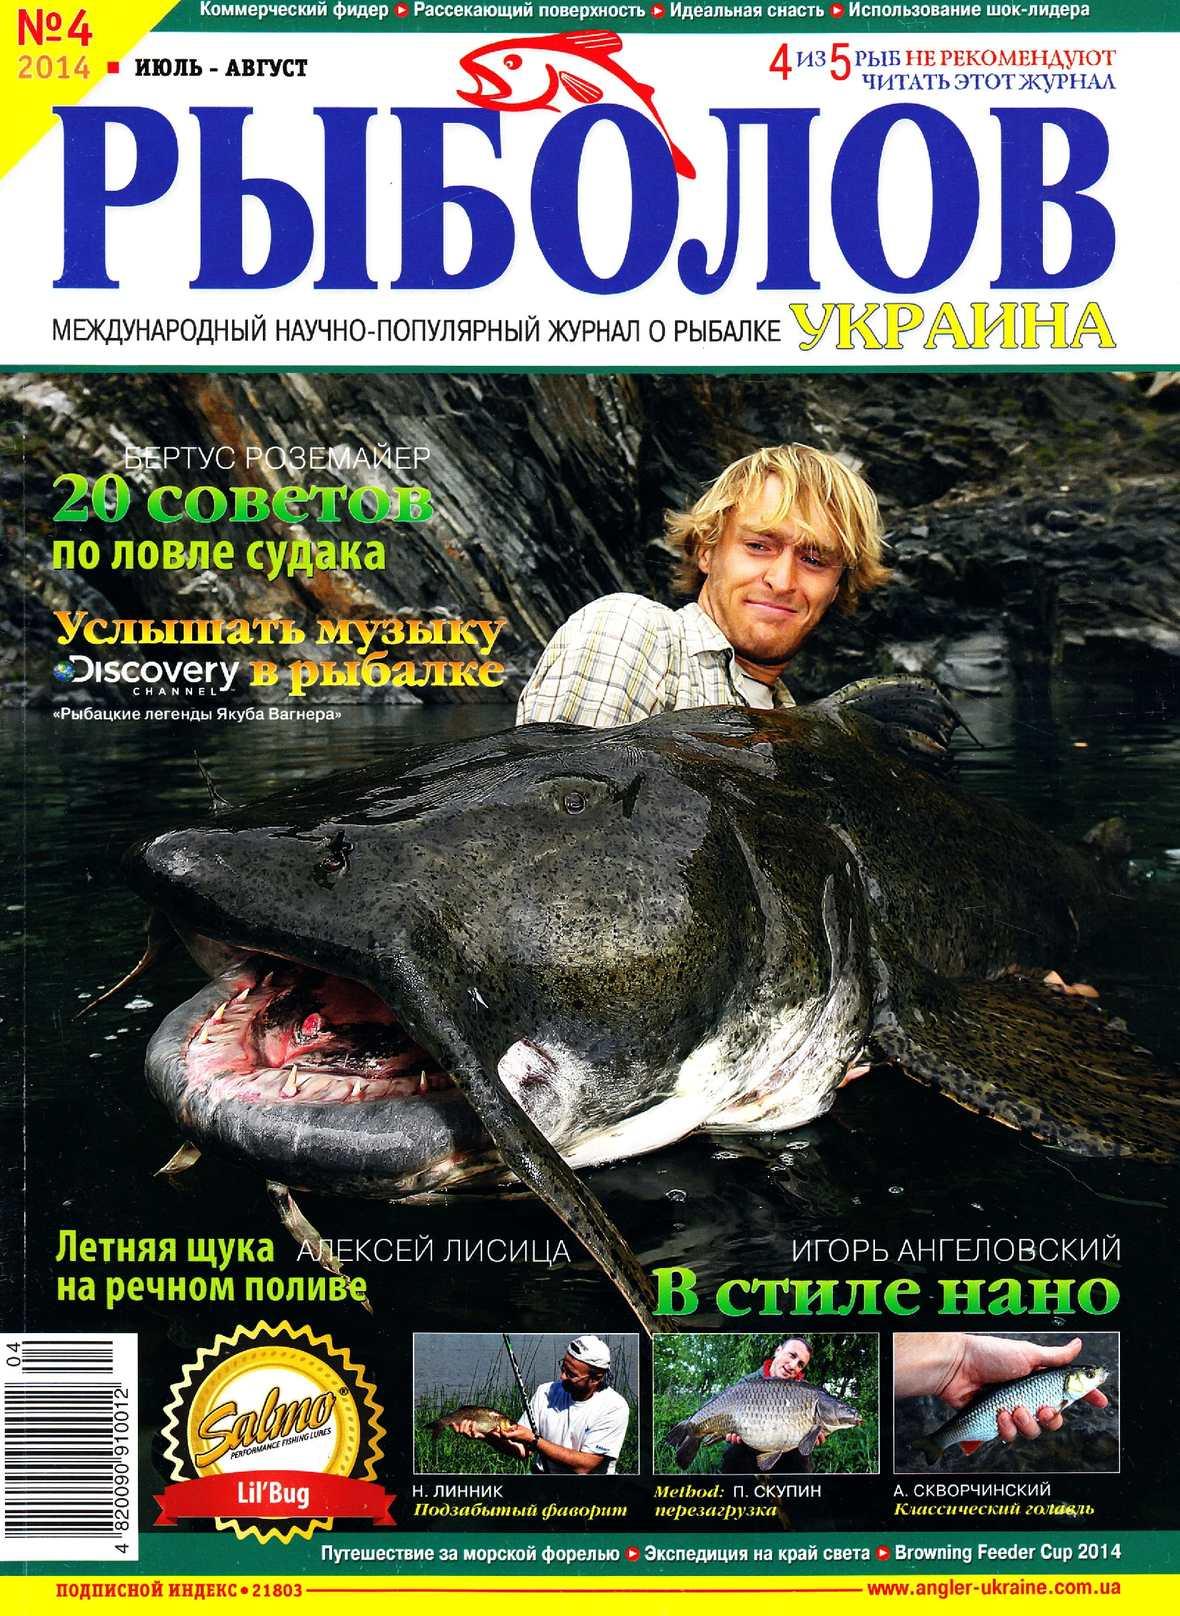 Ботало для рыбалки своими руками фото 343